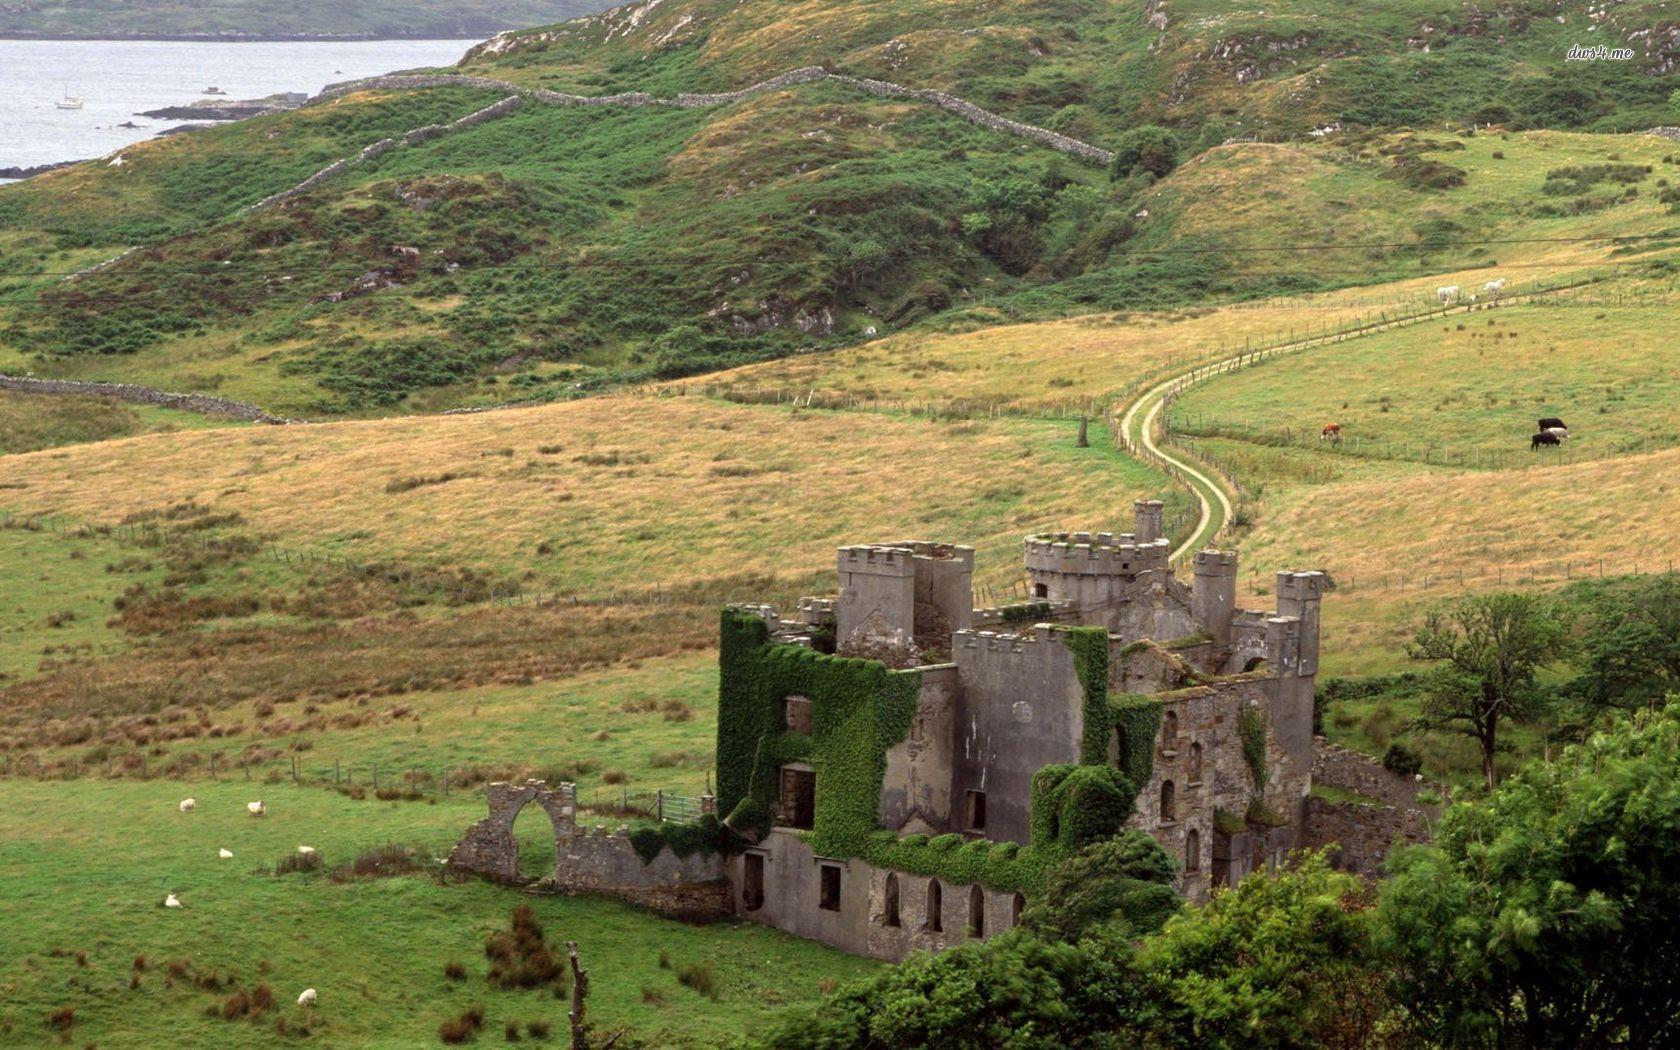 48] Ireland Desktop Wallpapers 1680x1050 on WallpaperSafari 1680x1050